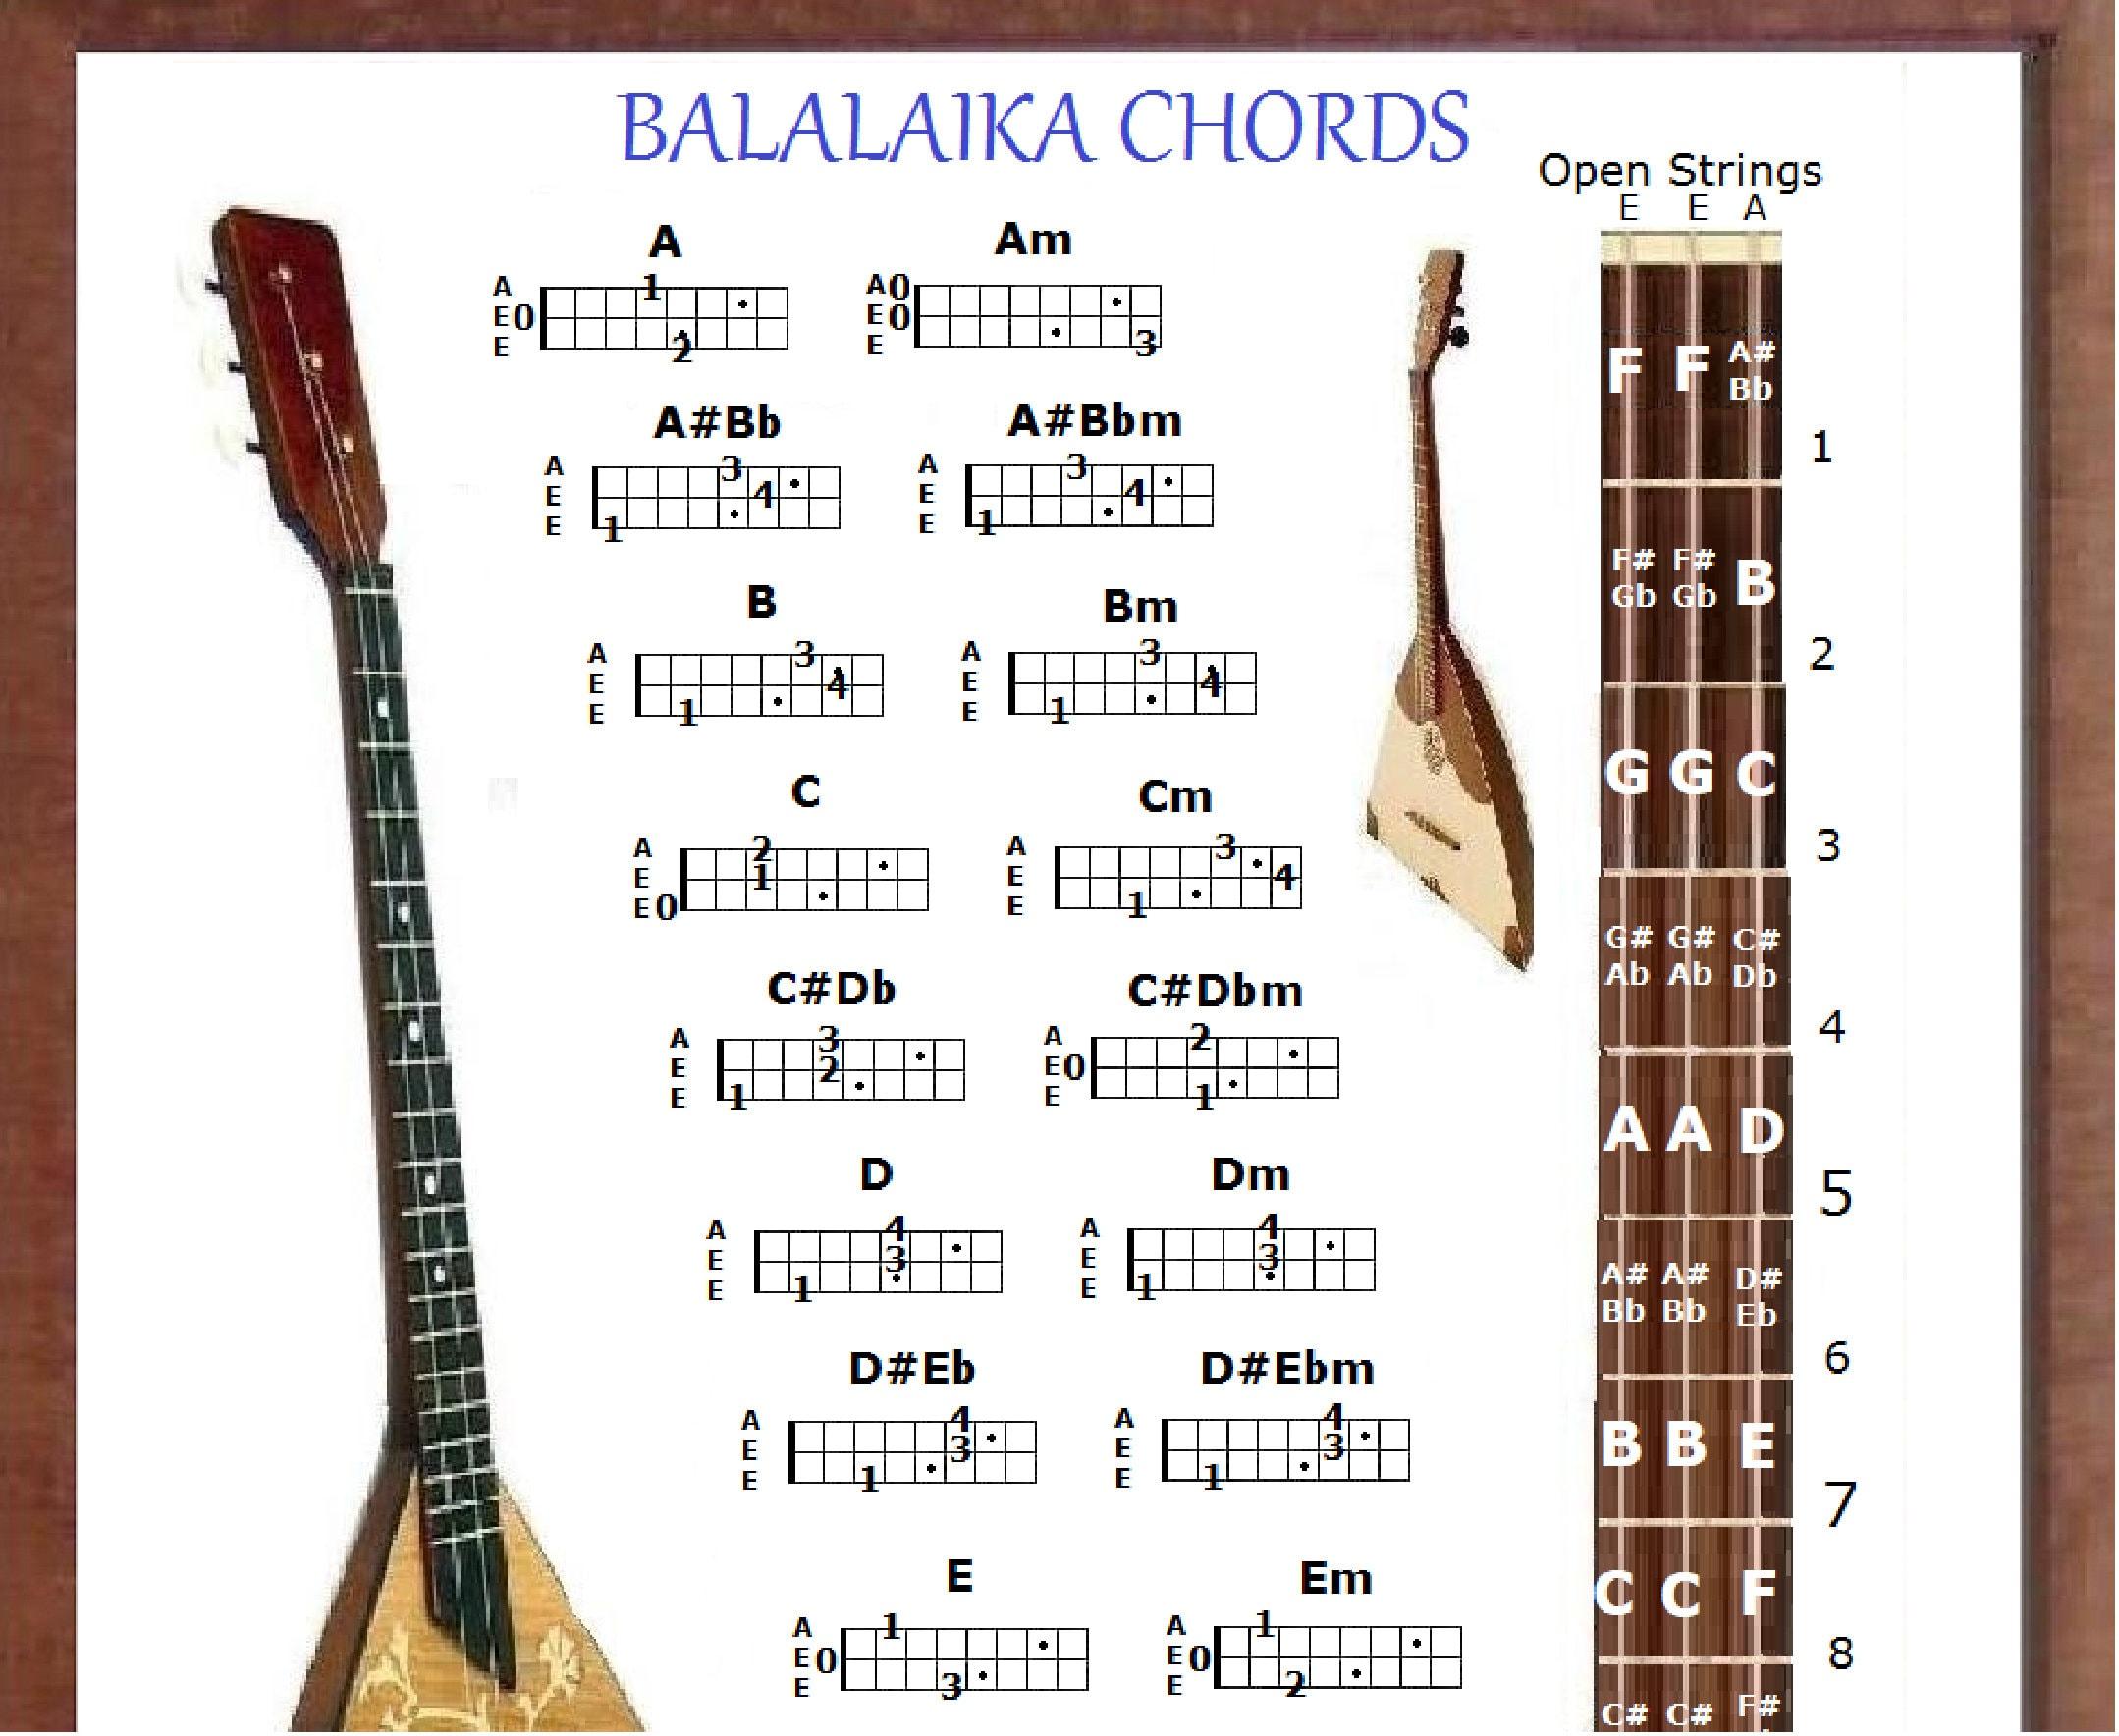 BALALAIKA CHORDS CHART